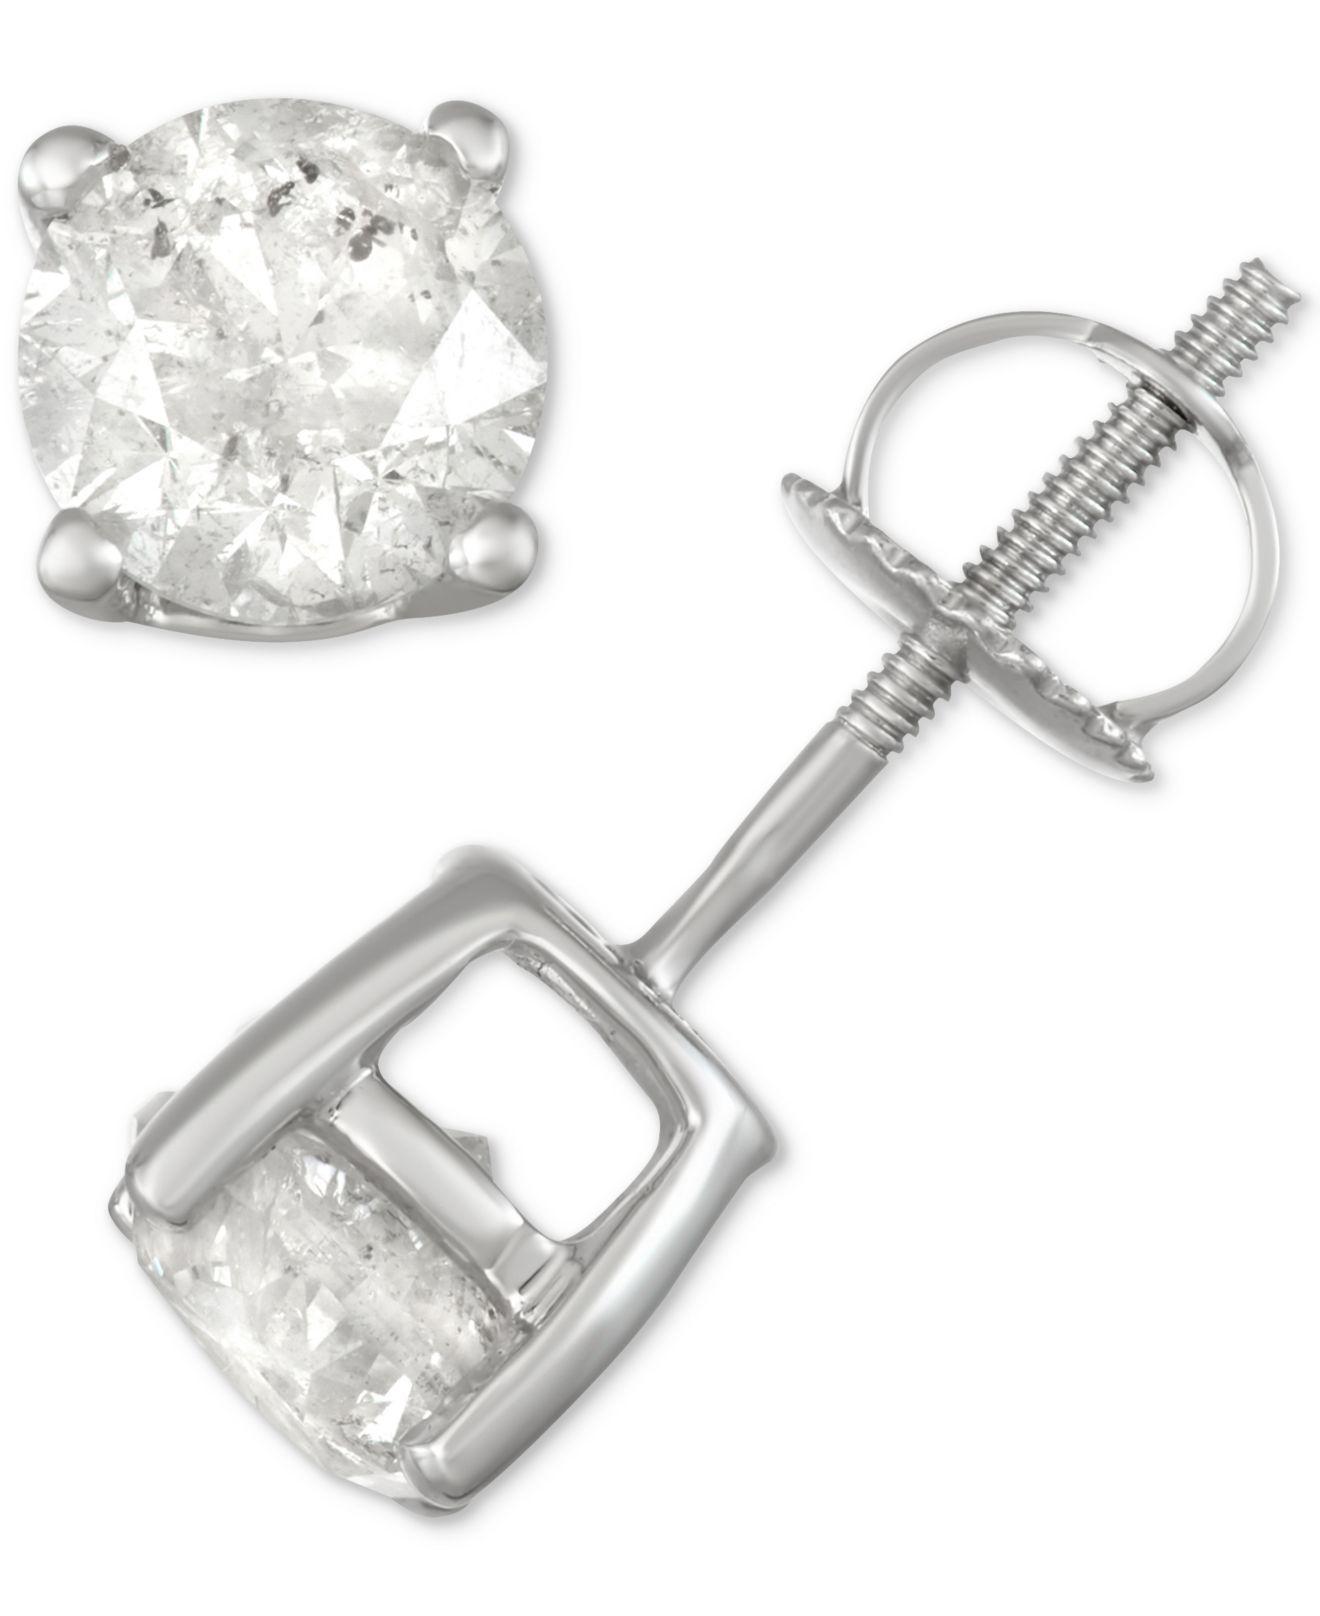 Lyst Macy S Diamond Stud Earrings 1 1 2 Ct T W In 14k White Gold